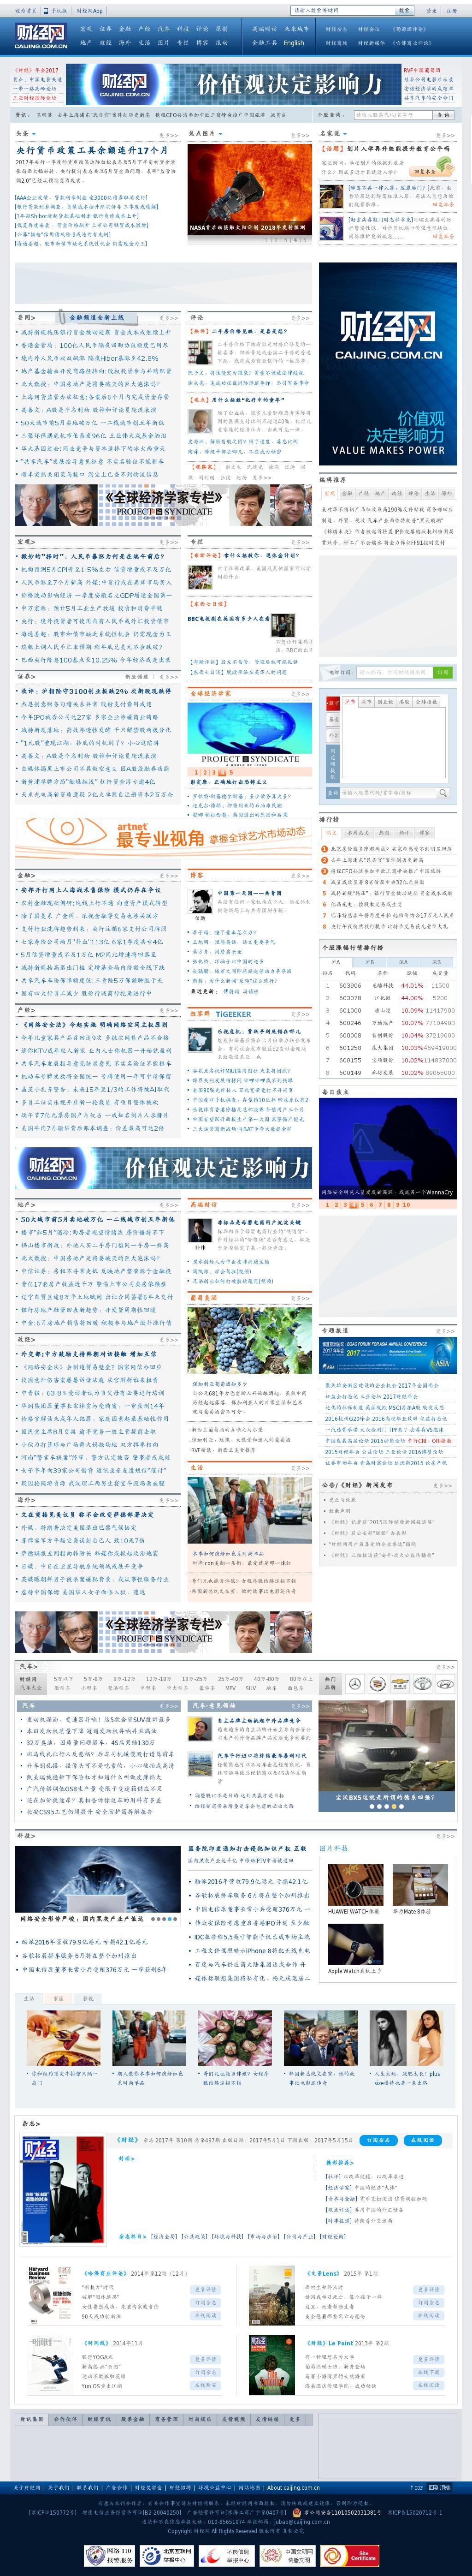 Caijing at Thursday June 1, 2017, 4:02 p.m. UTC